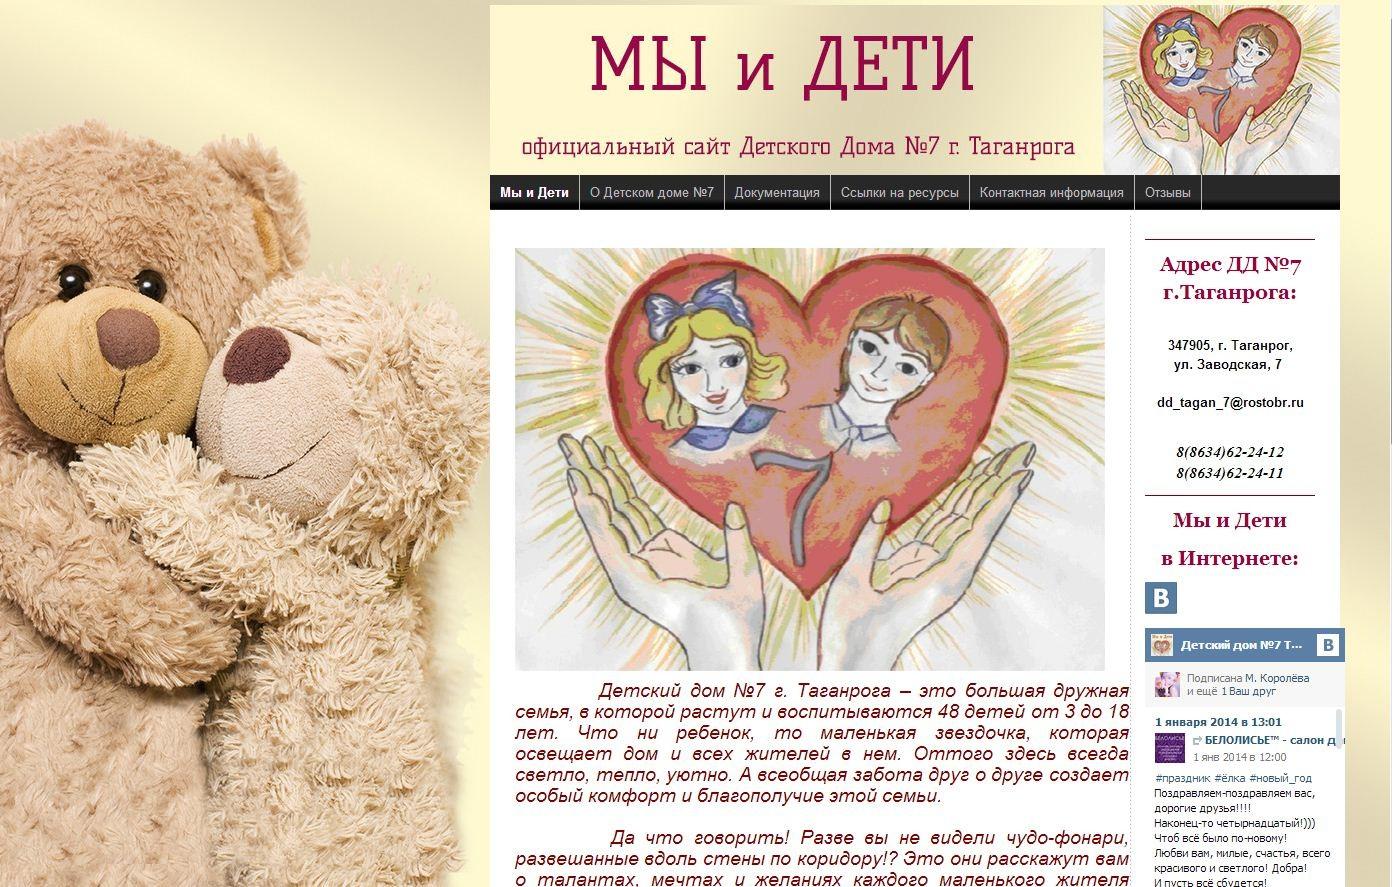 Официальный сайт Детского Дома №7 г. Таганрога